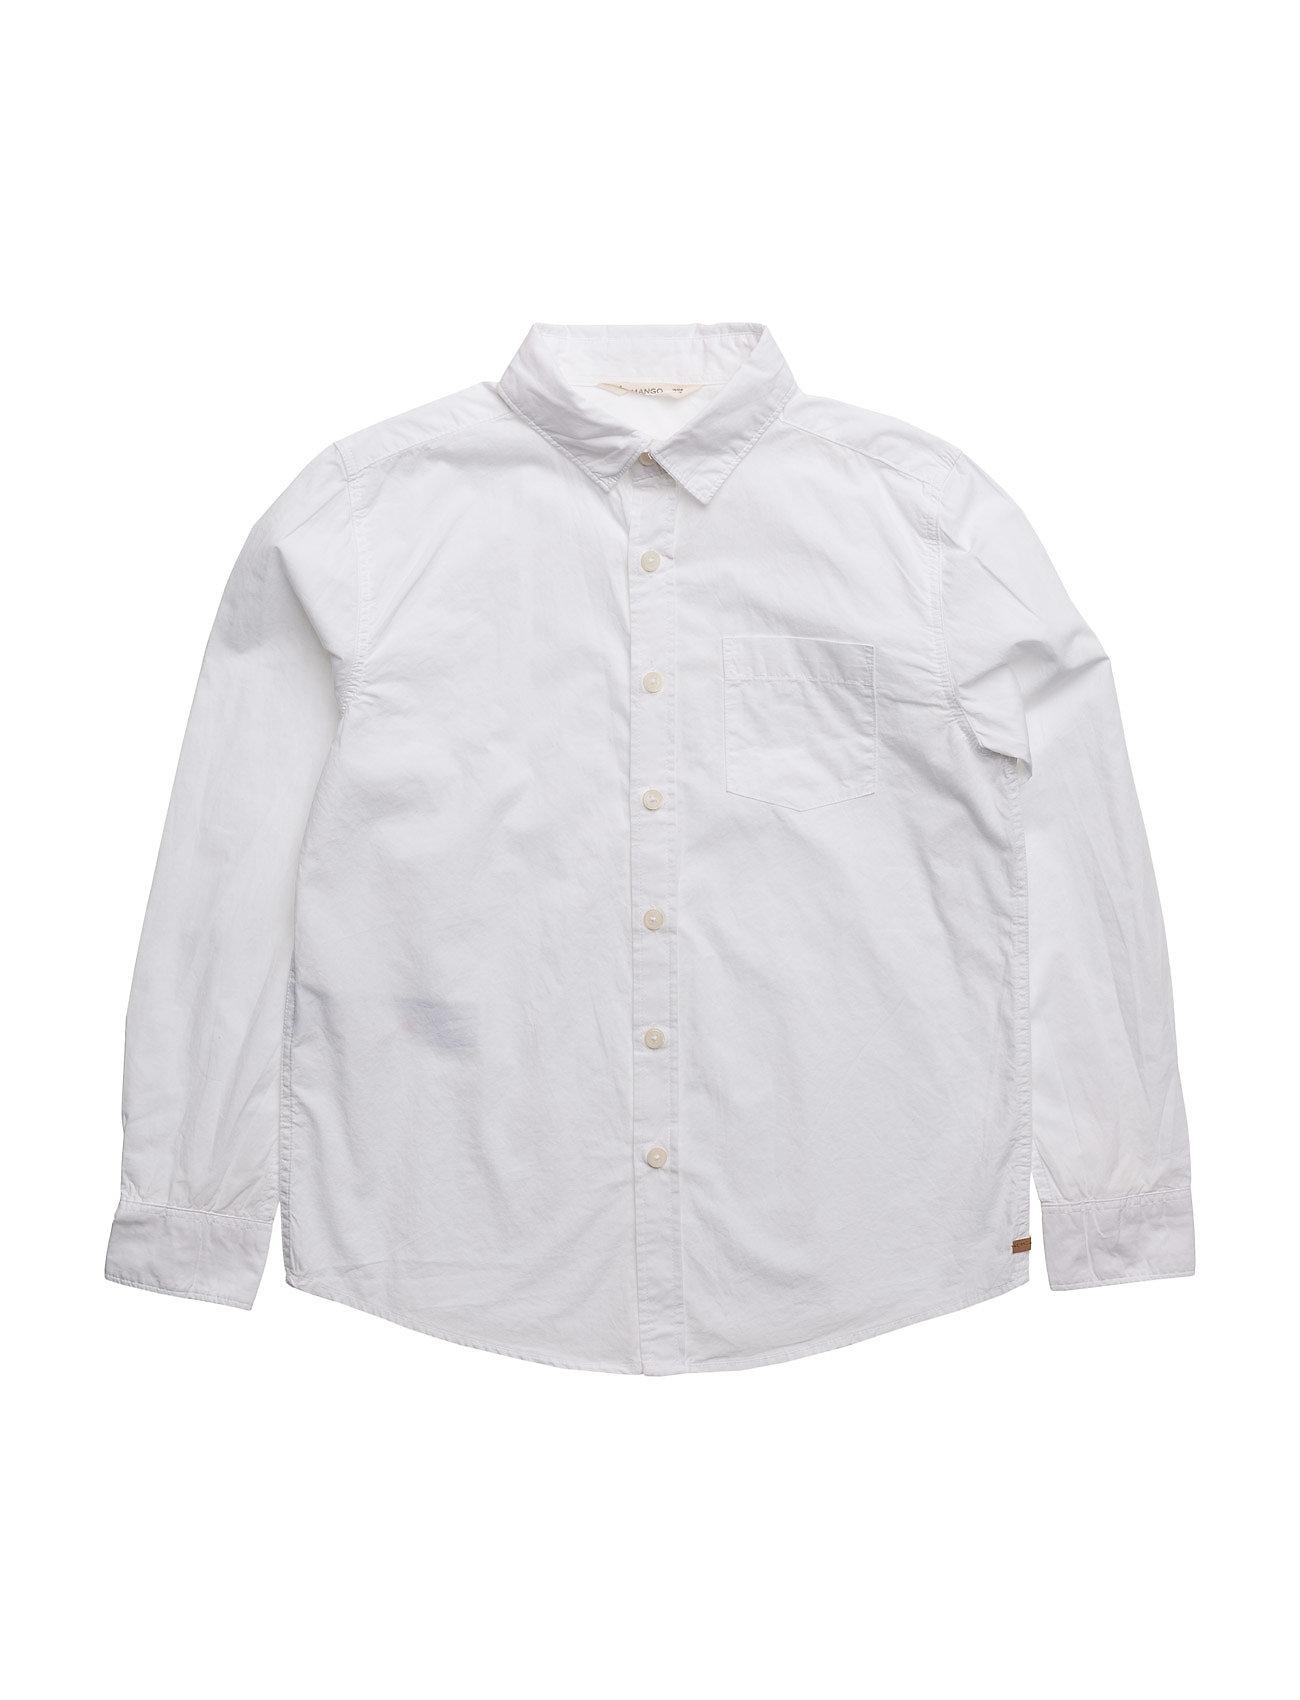 Chest-Pocket Cotton Shirt Mango Kids  til Børn i hvid